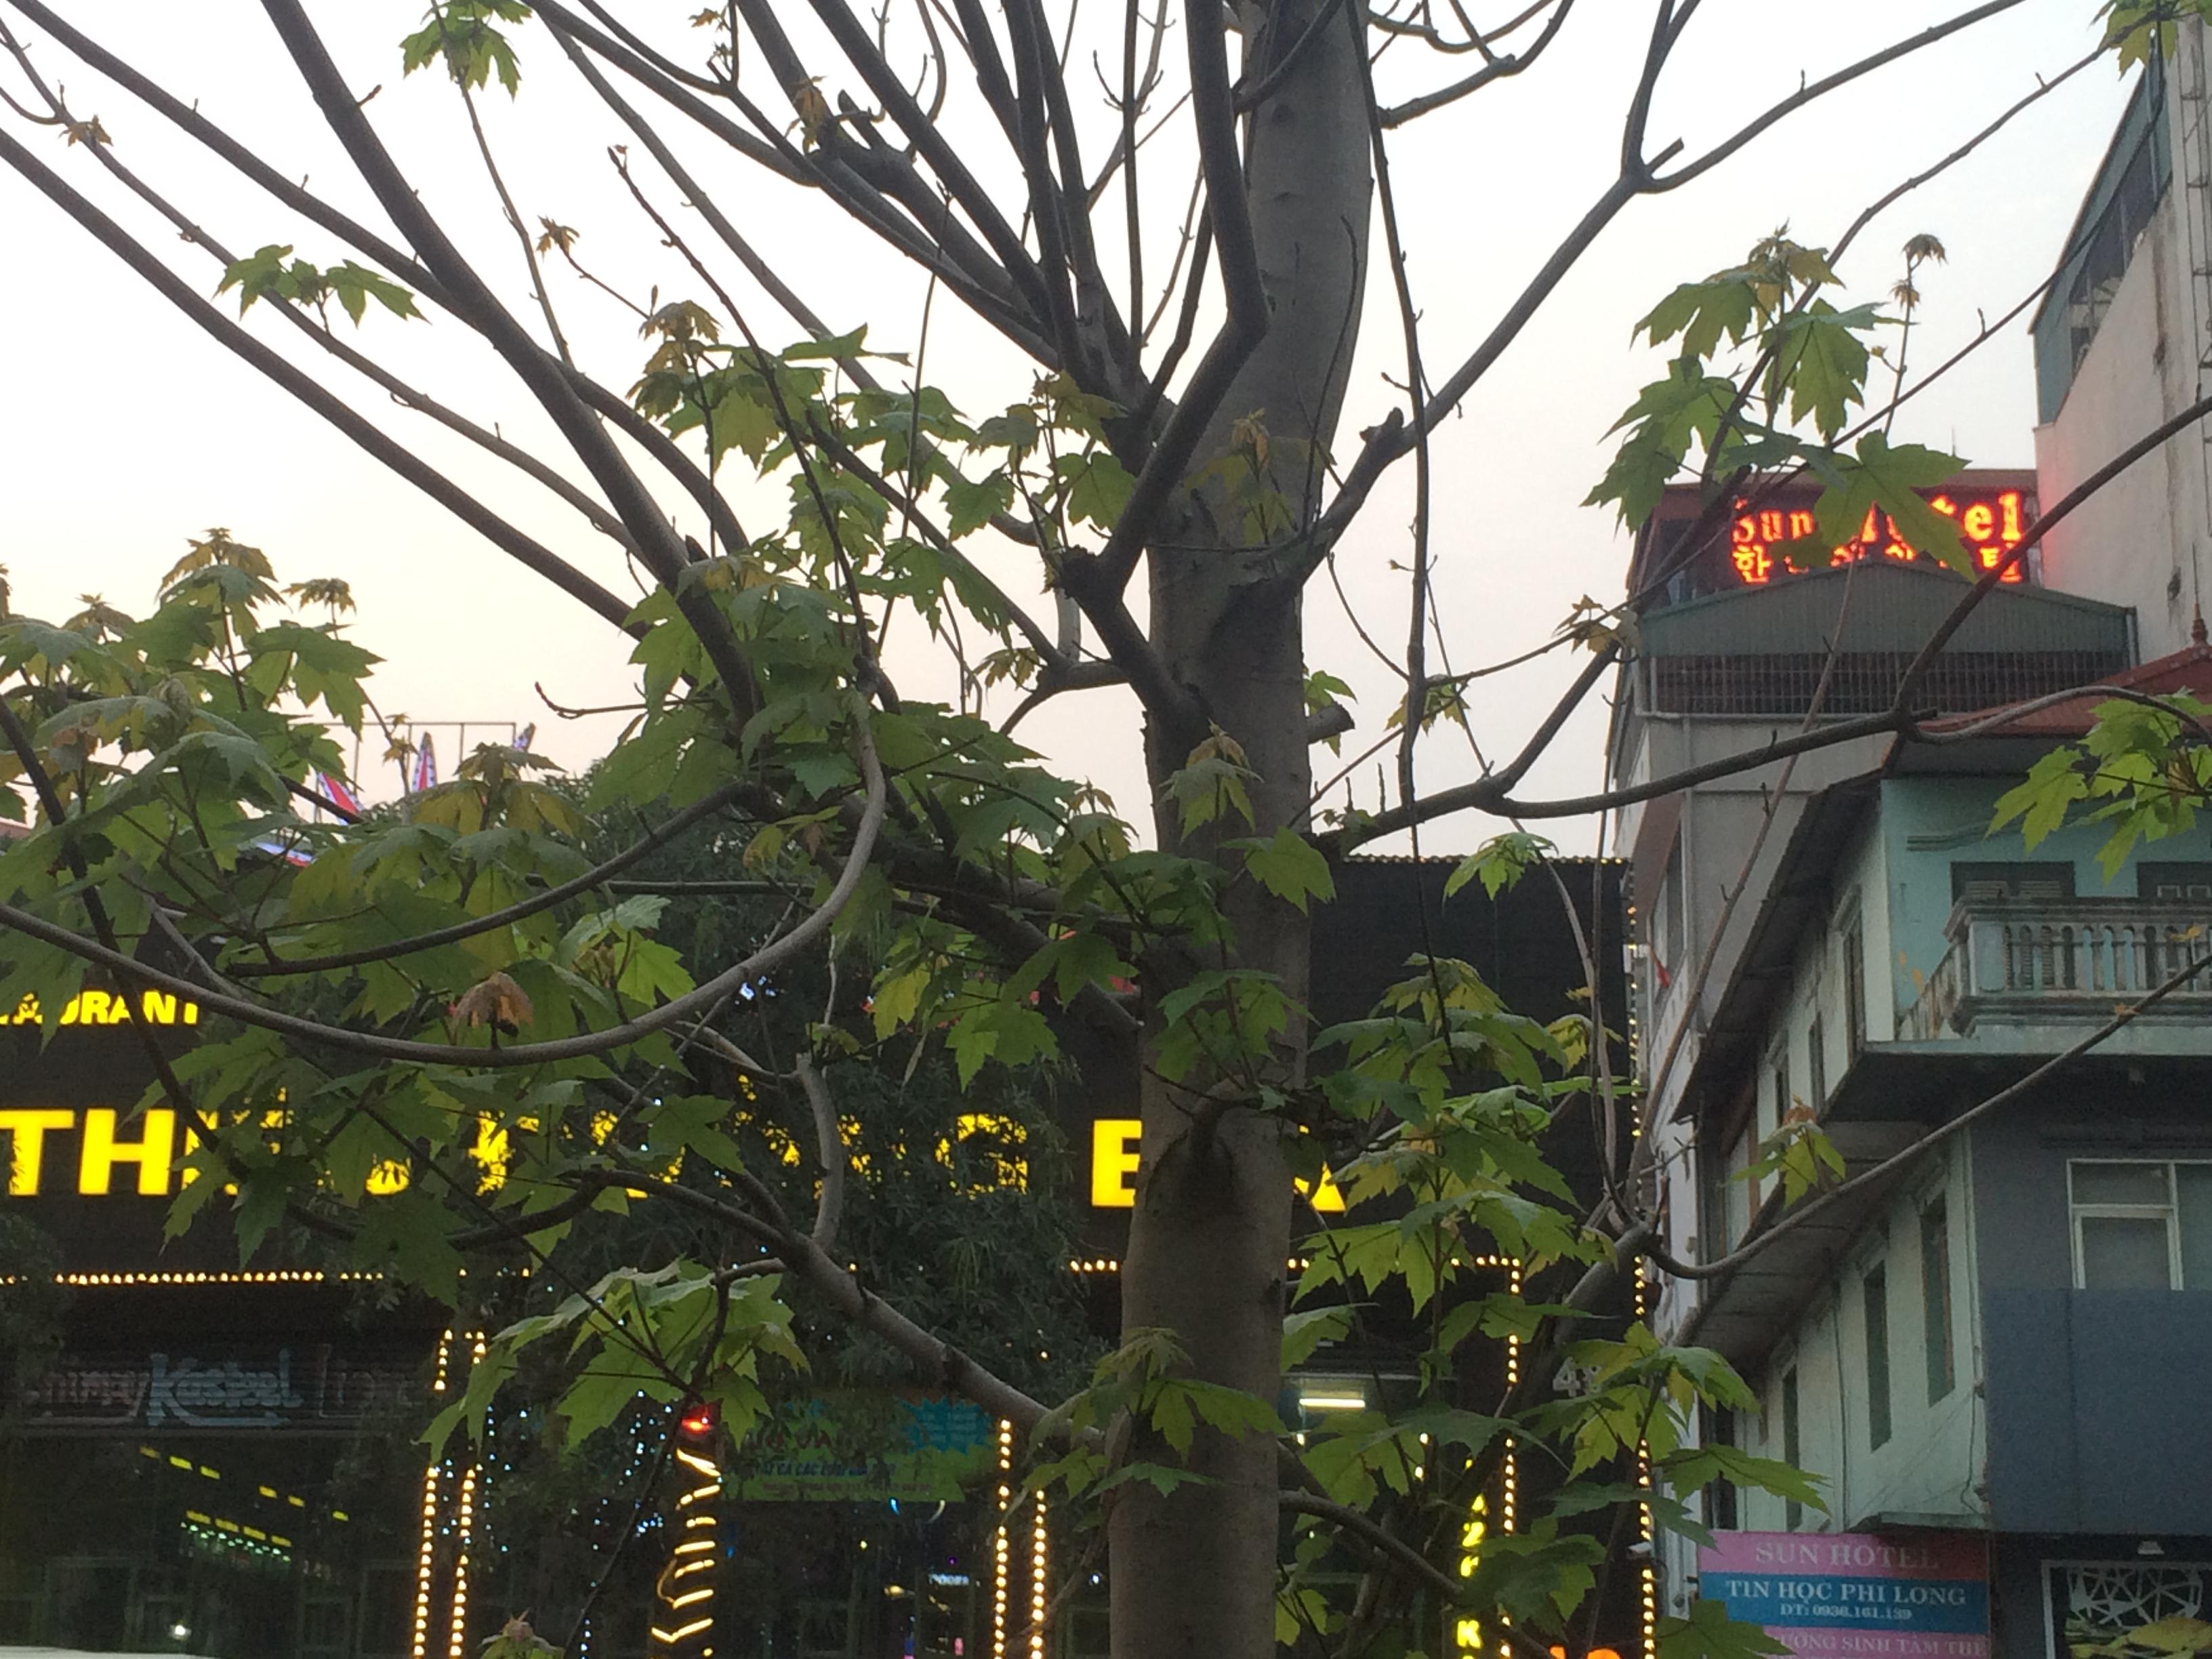 Hàng phong lá đỏ Hà Nội 'bung lụa' sau thời gian ngủ đông 8